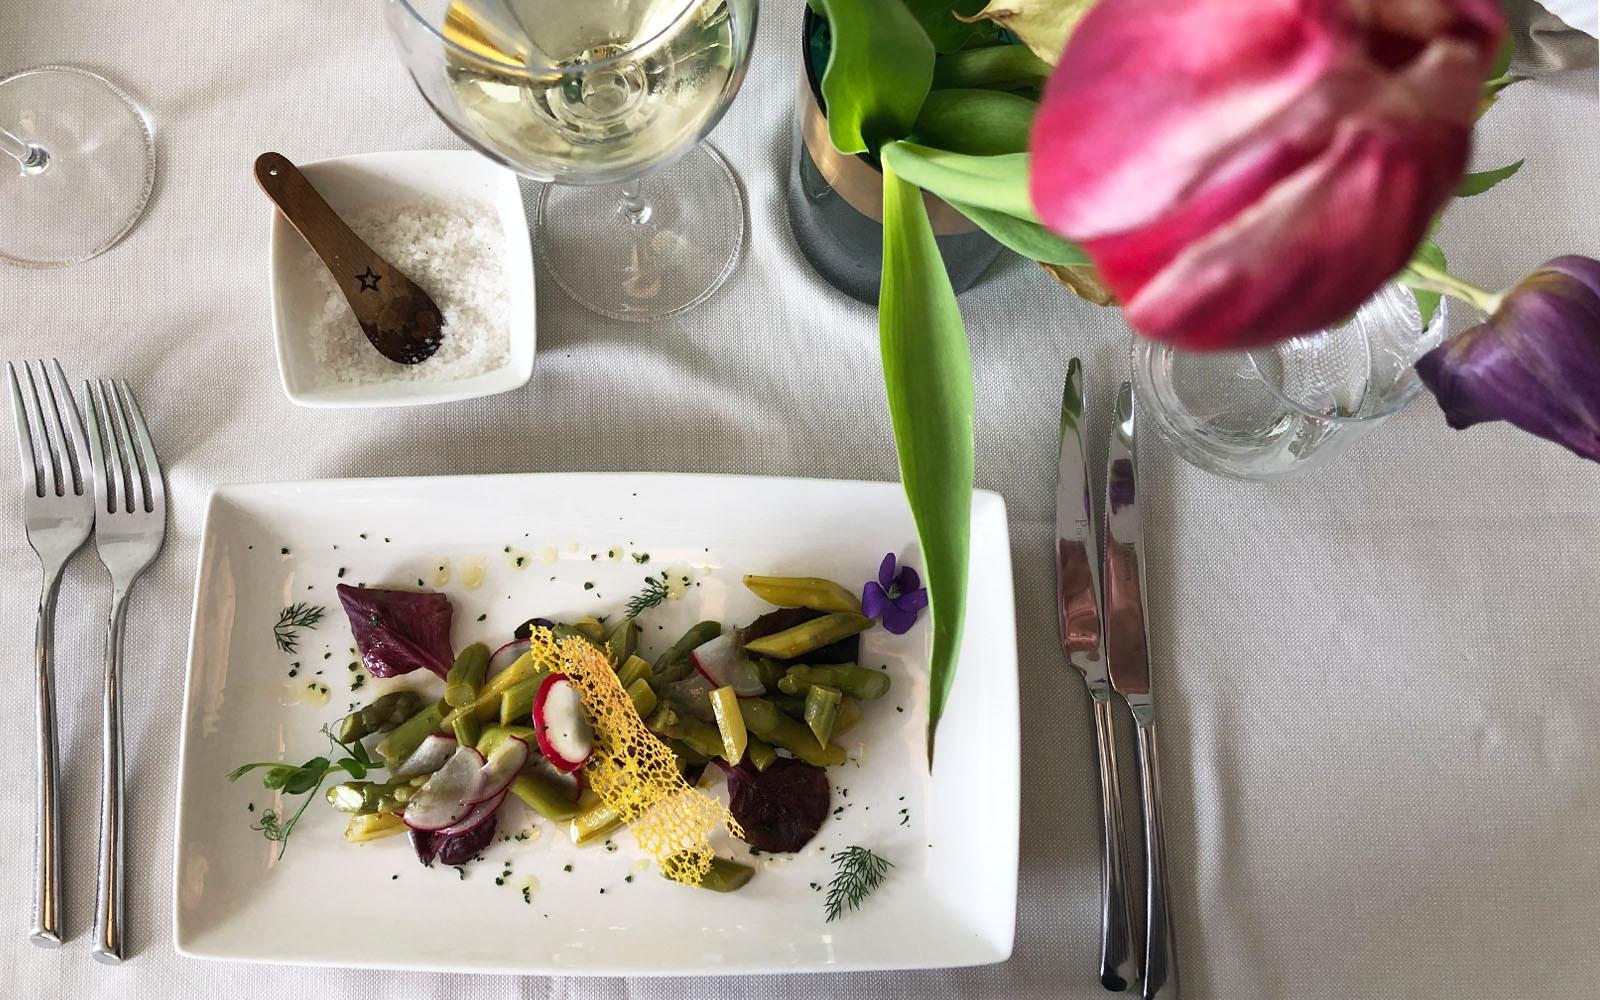 Insalata di asparagi, fiori ed erbe aromatiche alla Bottega dei Sapori di Pirano.